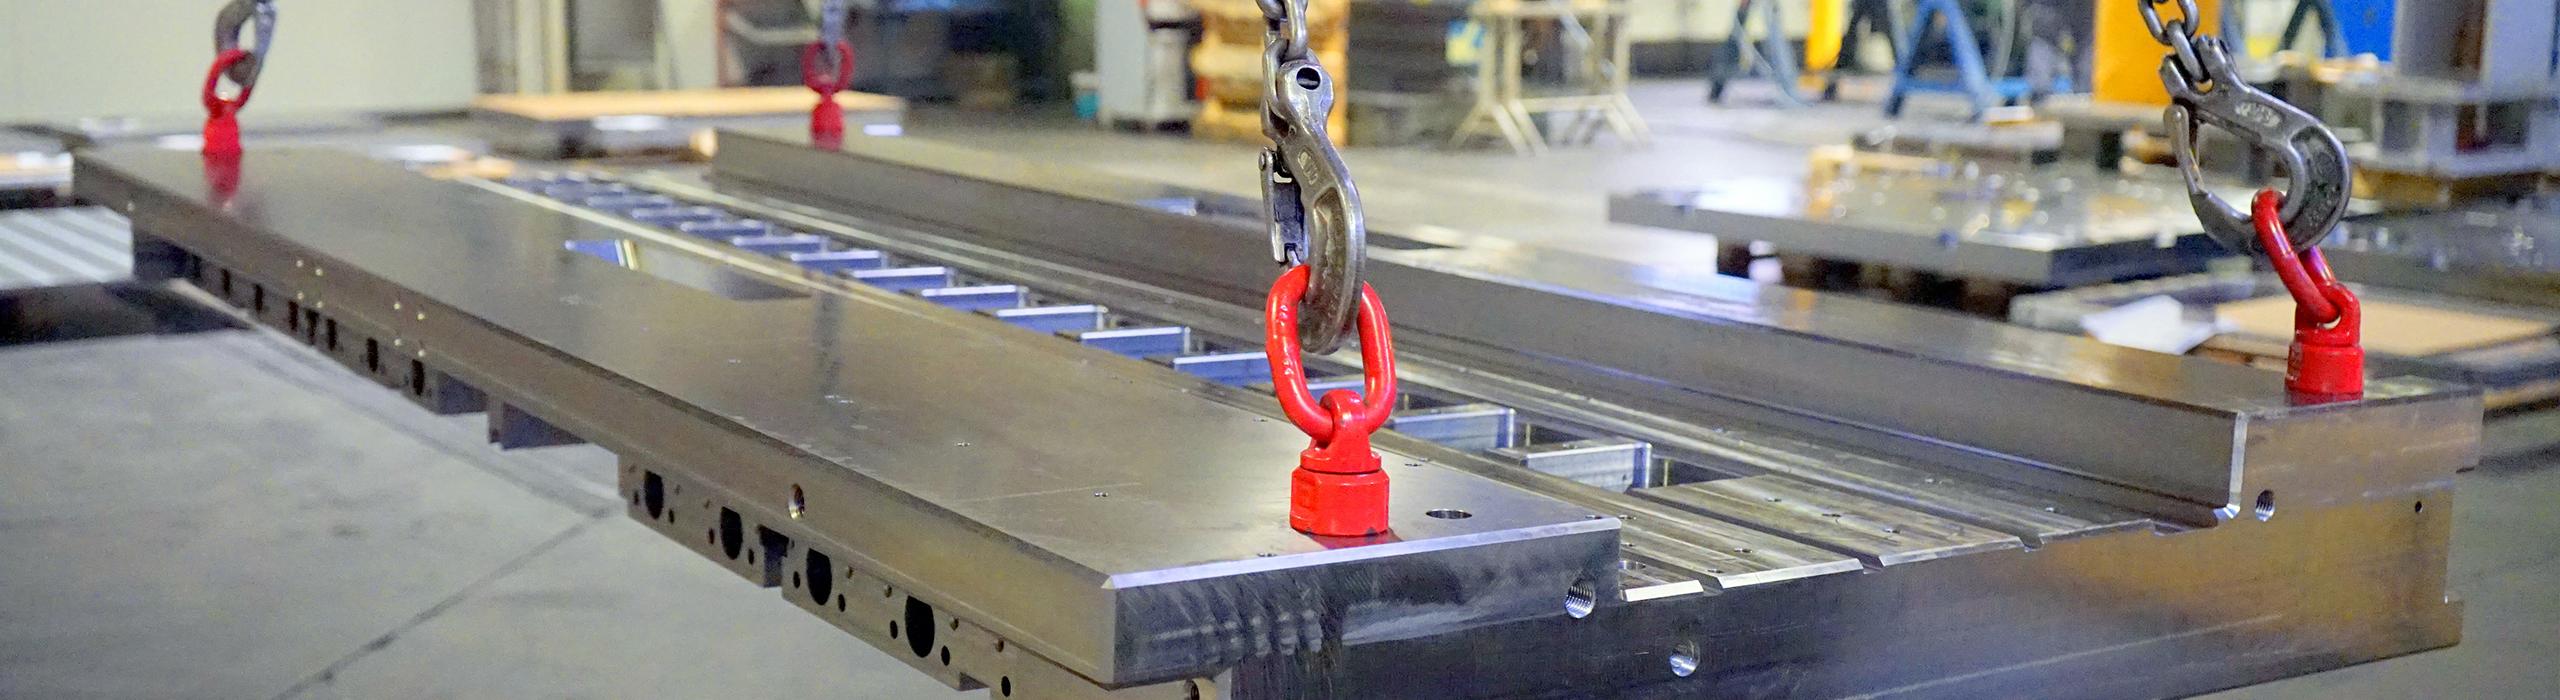 RSB-Stahl-werkzeugbau-header3